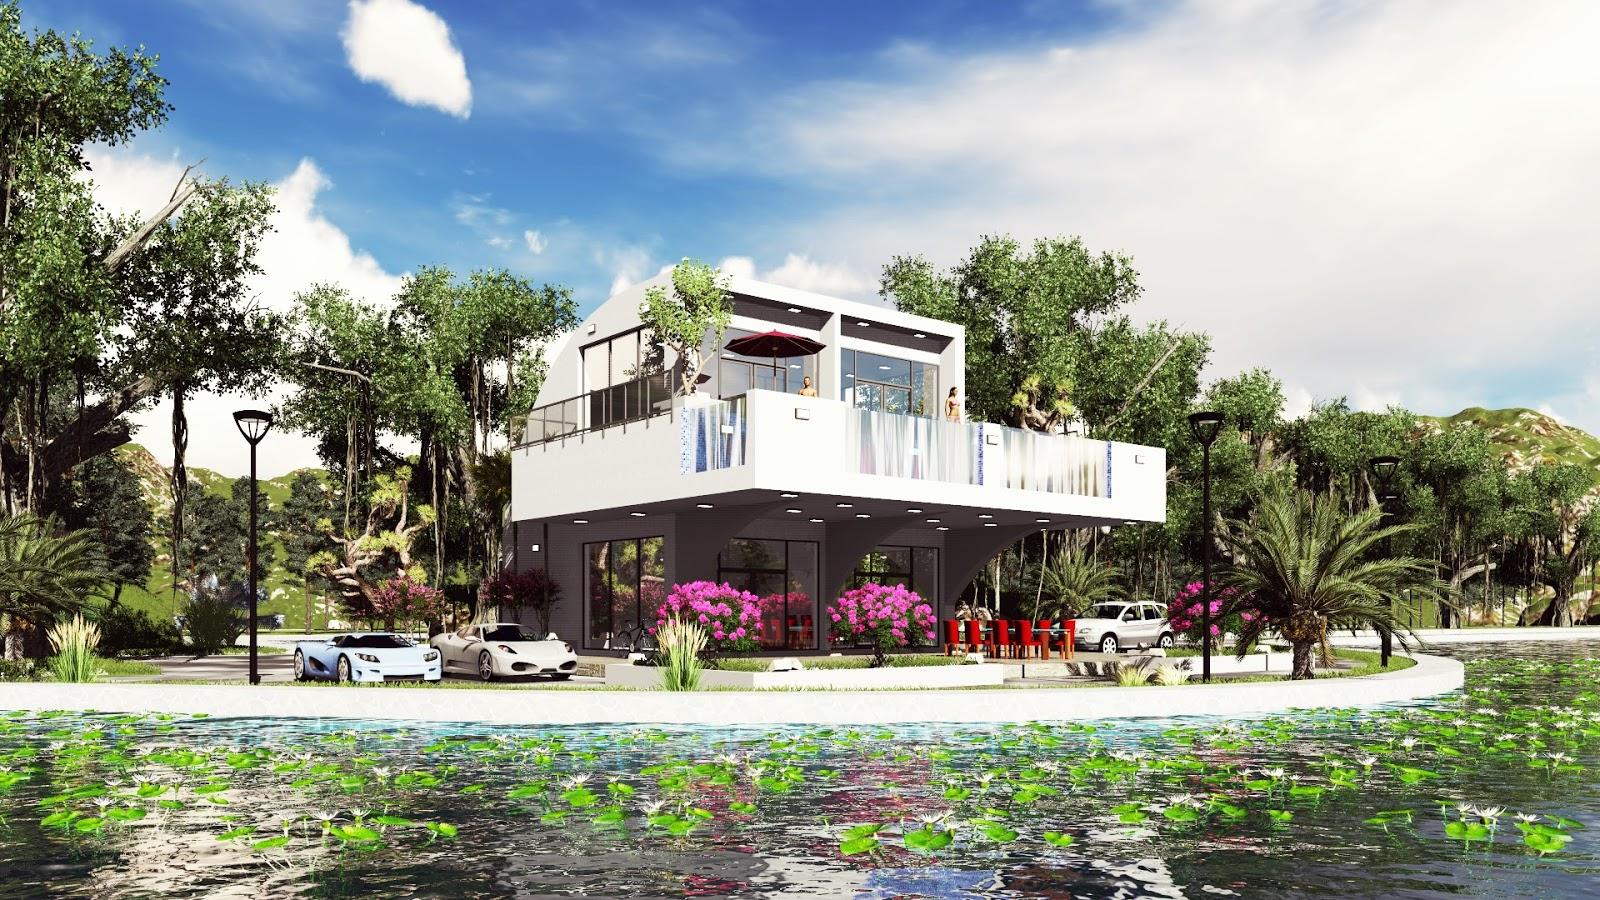 Sketchup modeling modern vila design 14 lumion render sam architect - Modern vila design ...